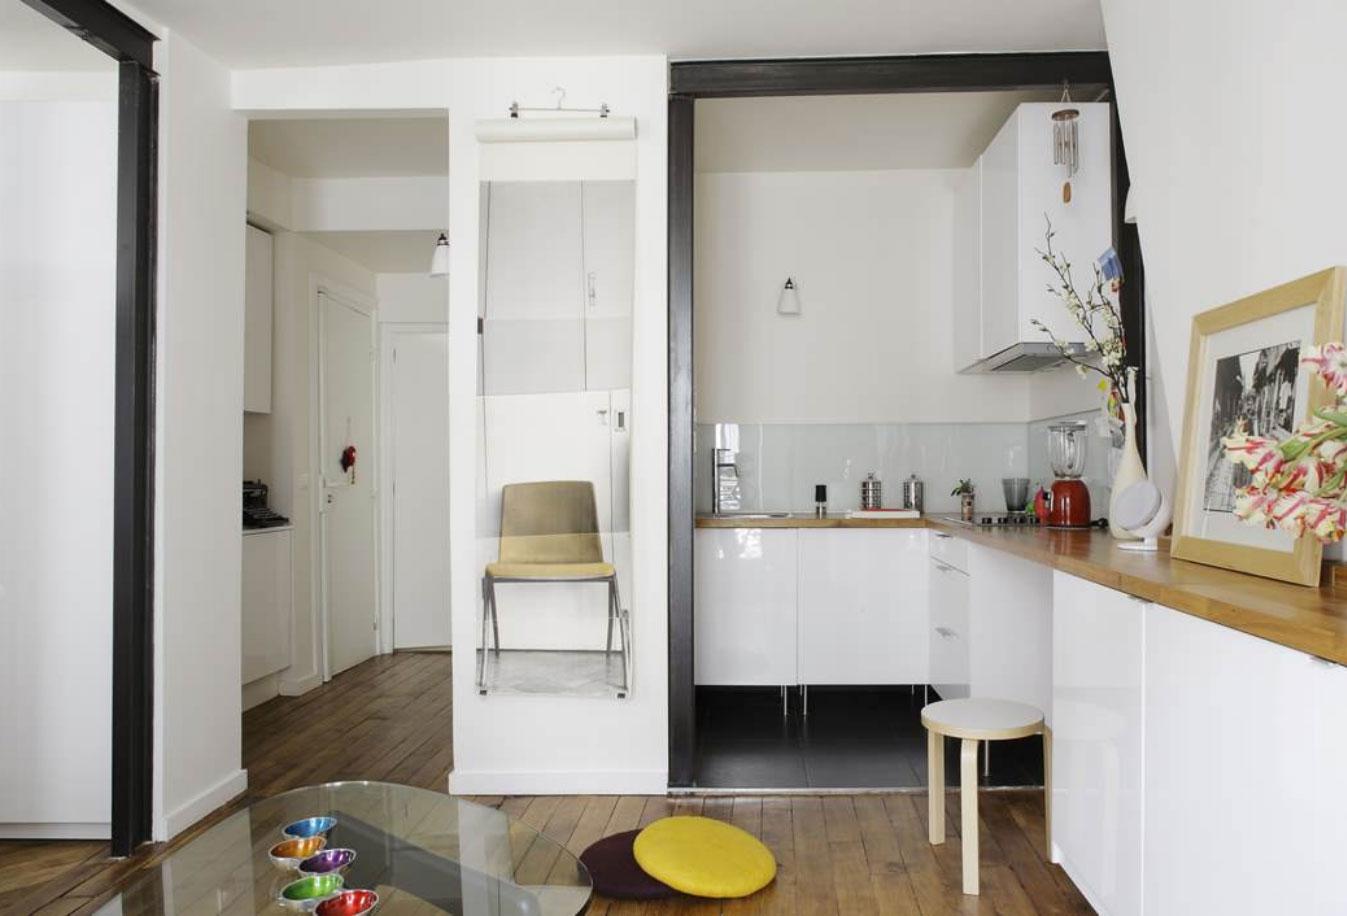 Идеи декора пустых стен в интерьере: проверенные и новые дизайнерские способы украшения интерьера